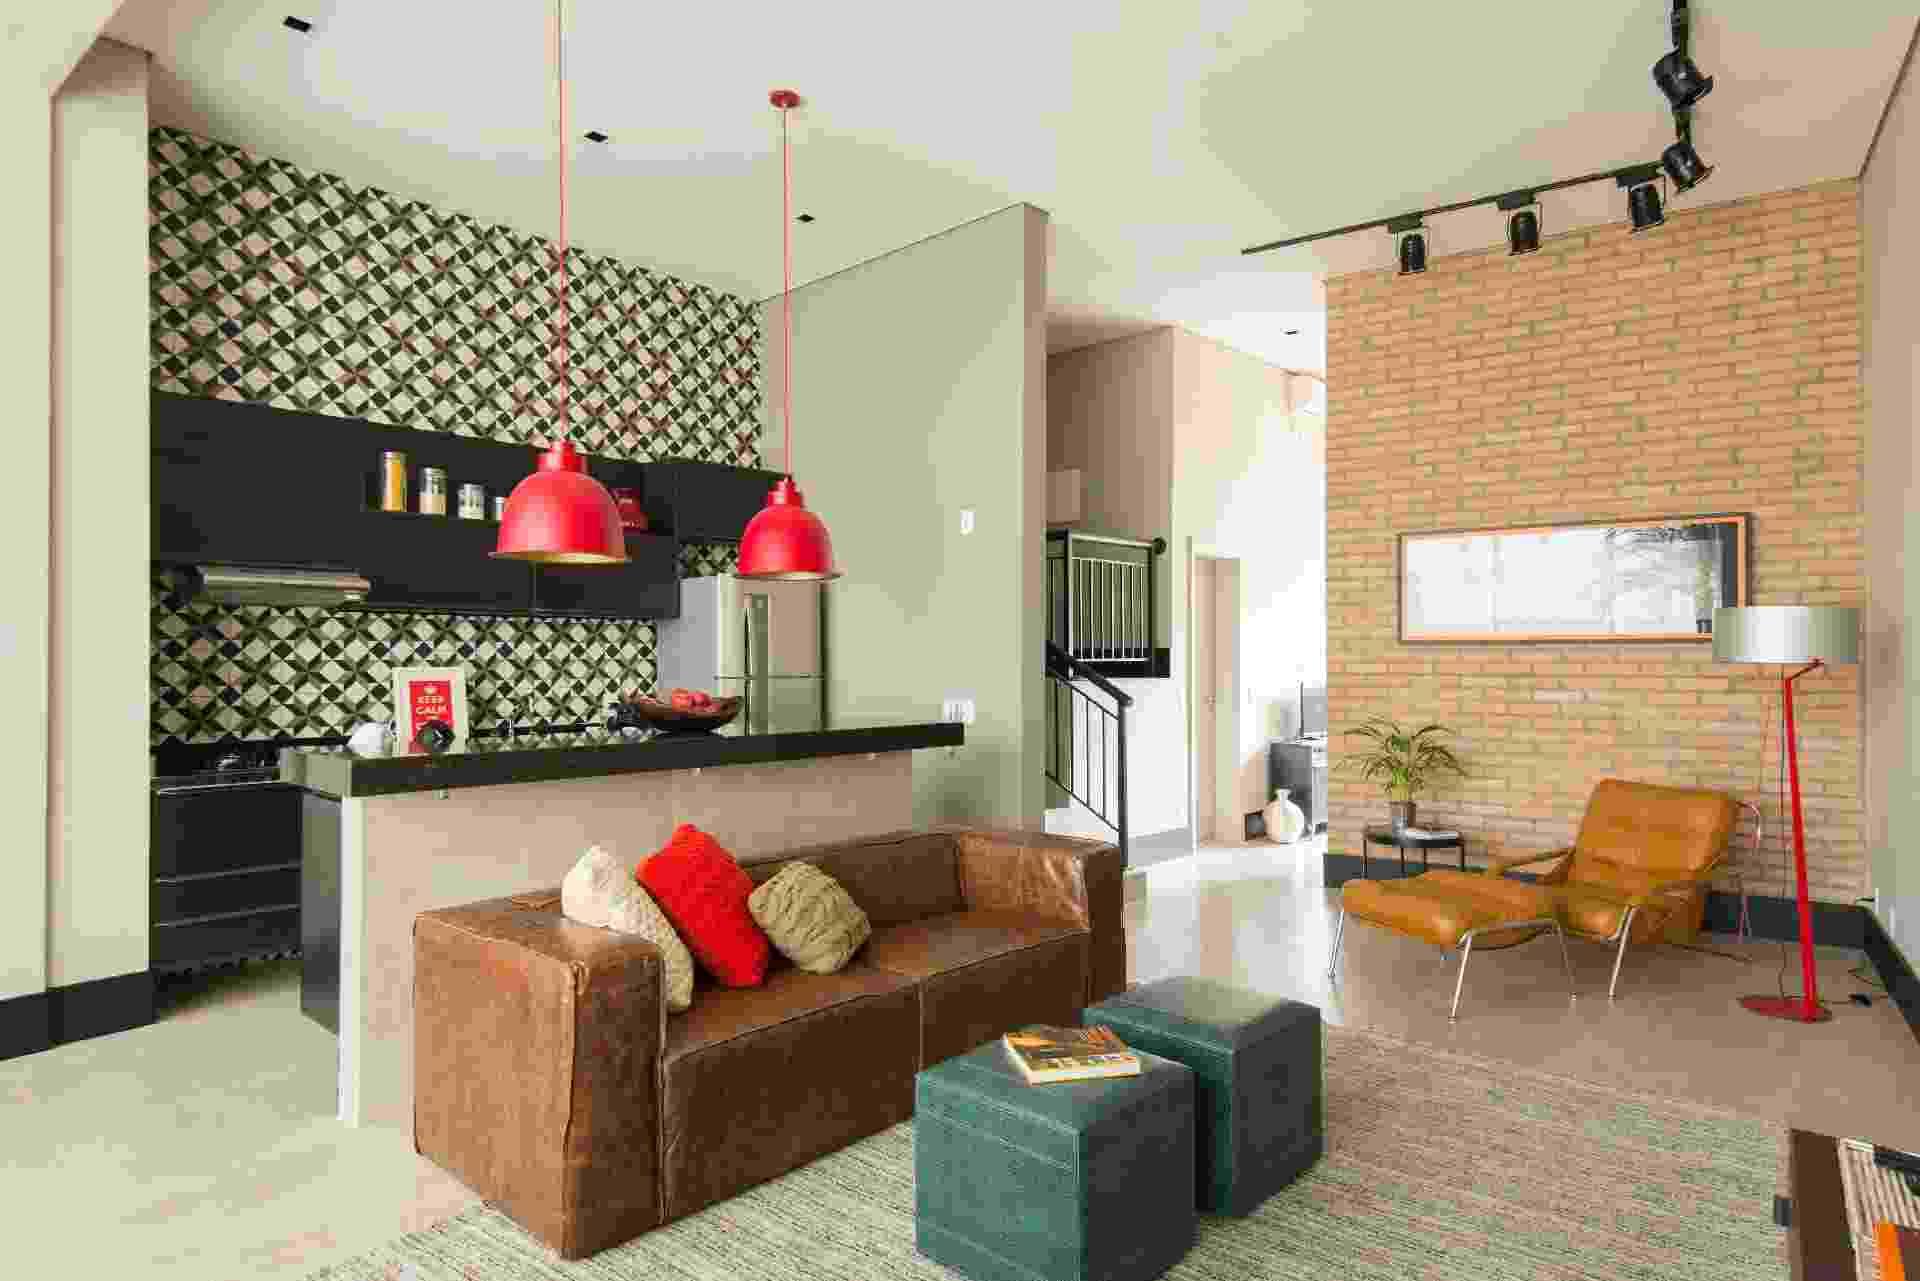 A inspiração para compor o projeto veio dos lofts nova-iorquinos. Definida por trilhos aparentes e luminárias com uma pegada industrial, a iluminação do apê 'conversa' bem com esse conceito. A parede de tijolinhos é outro recurso que mantém o ar cosmopolita, além de dar privacidade ao quarto. A reforma é do escritório Samaia Arquitetura + Design - Edson Ferreira/ Divulgação